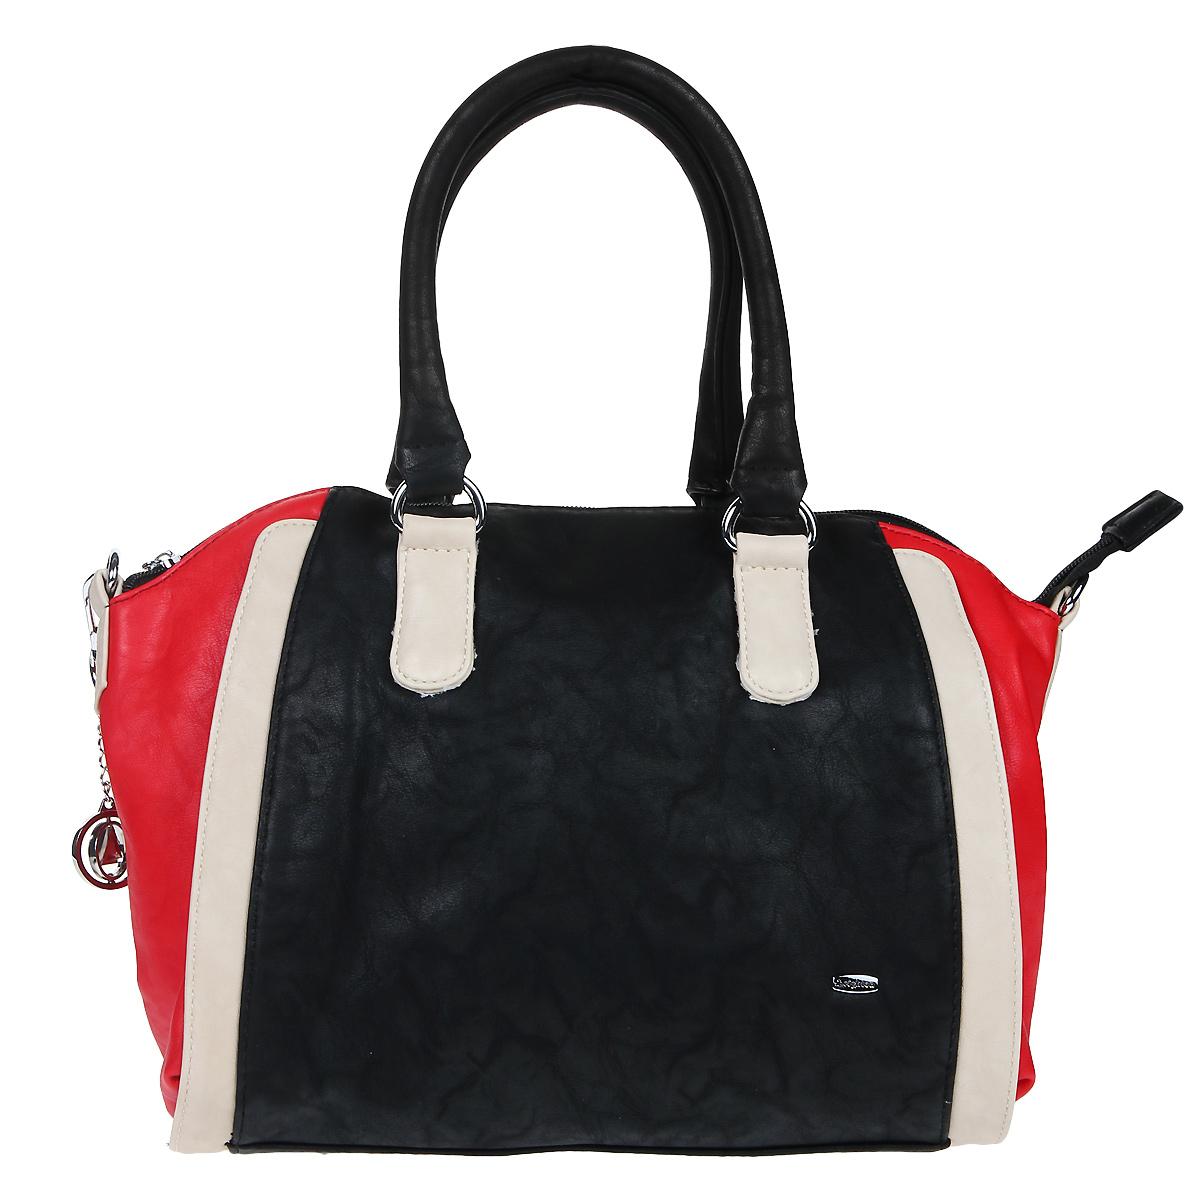 Сумка женская Leighton, цвет: черный, красный, белый. 570442-6090570442-6090/1112/601/6094Оригинальная женская сумка Leighton выполнена из искусственной кожи и исполнена в трех цветах. Лицевая сторона оформлена металлической пластиной с гравировкой в виде названия бренда. Модель декорирована стильным фирменным брелоком. Ручки-жгуты крепятся к корпусу сумки на фурнитуру круглой формы. Изделие закрывается на застежку-молнию. Внутри - большое отделение, разделенное средником, также есть два накладных кармана для мелочей, телефона и врезной карман на застежке-молнии. На обратной стороне - карман на застежке-молнии. Дно оснащено металлическими ножками, защищающими изделие от повреждений. Съемный ремень - в комплекте. Изделие упаковано в текстильный чехол. Классическое цветовое сочетание, стильная фактура кожи, модный дизайн не оставят равнодушной ни одну представительницу прекрасной половины человечества. Характеристики: Материал: искусственная кожа, металл, текстиль. Цвет: черный, красный, белый. Размер сумки: 35 см х...